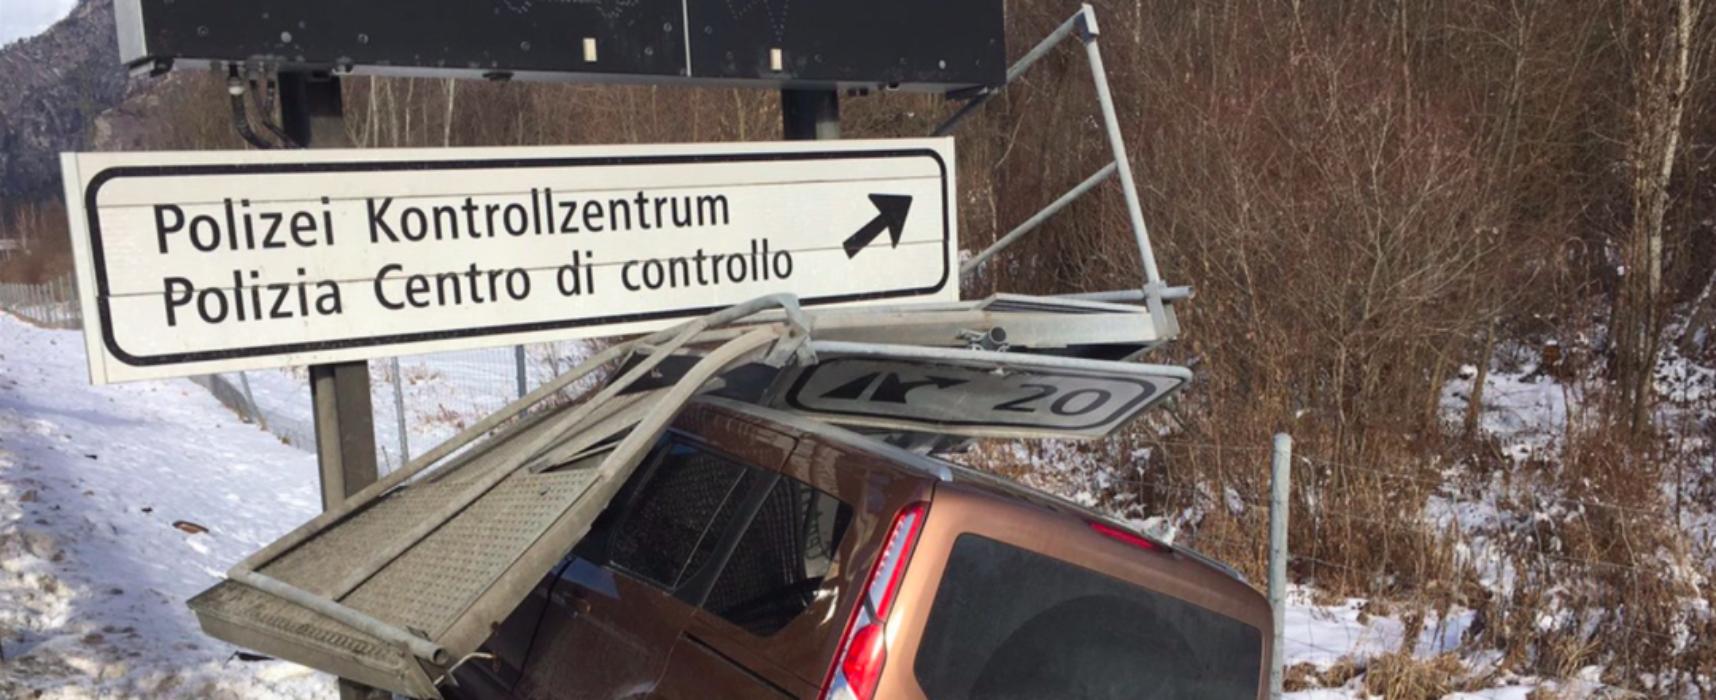 Unfall auf A13 in Rothenbrunnen